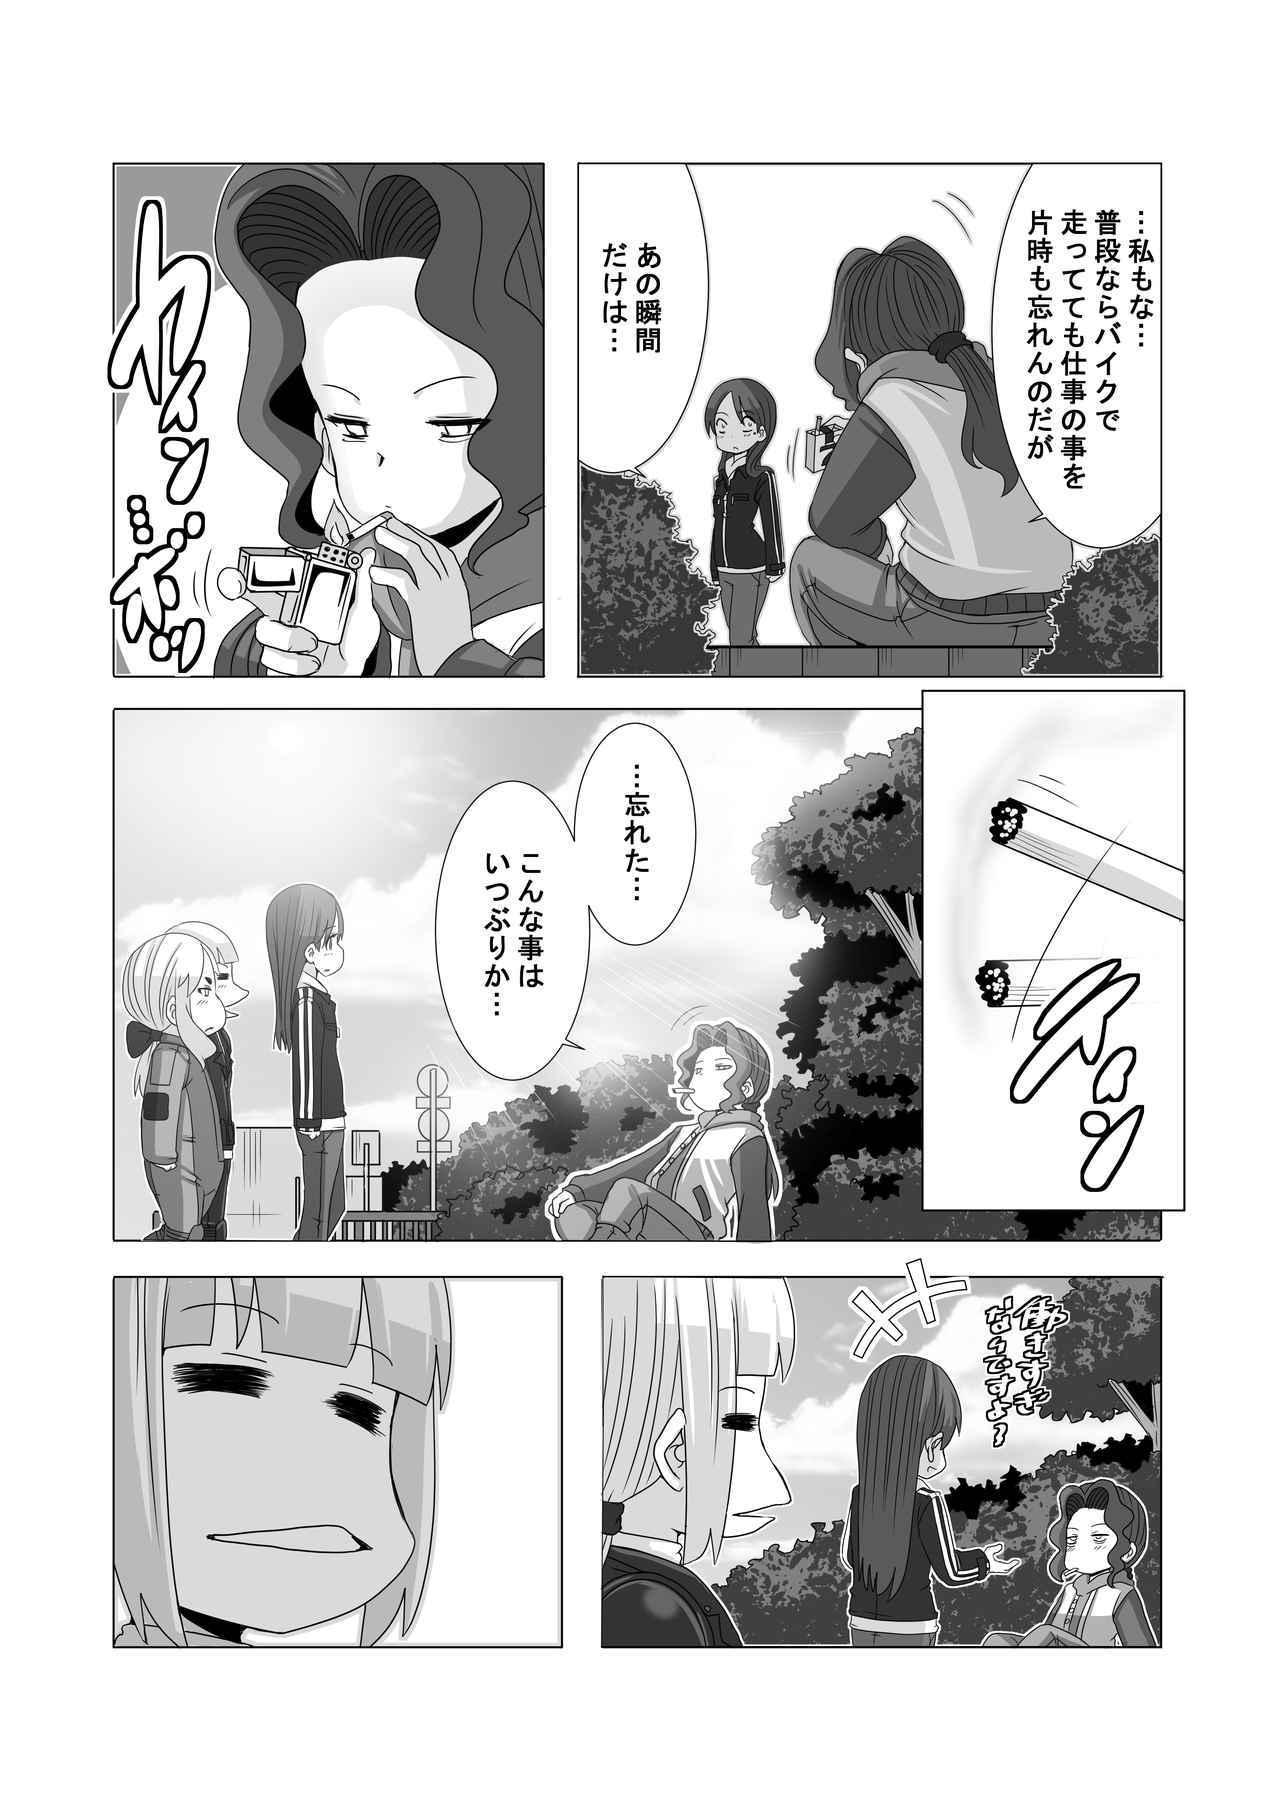 画像7: 【連載】馬場郁子がこよなくバイクを愛す理由(第十七話:あの頃を思い出せるワケ)作:鈴木秀吉